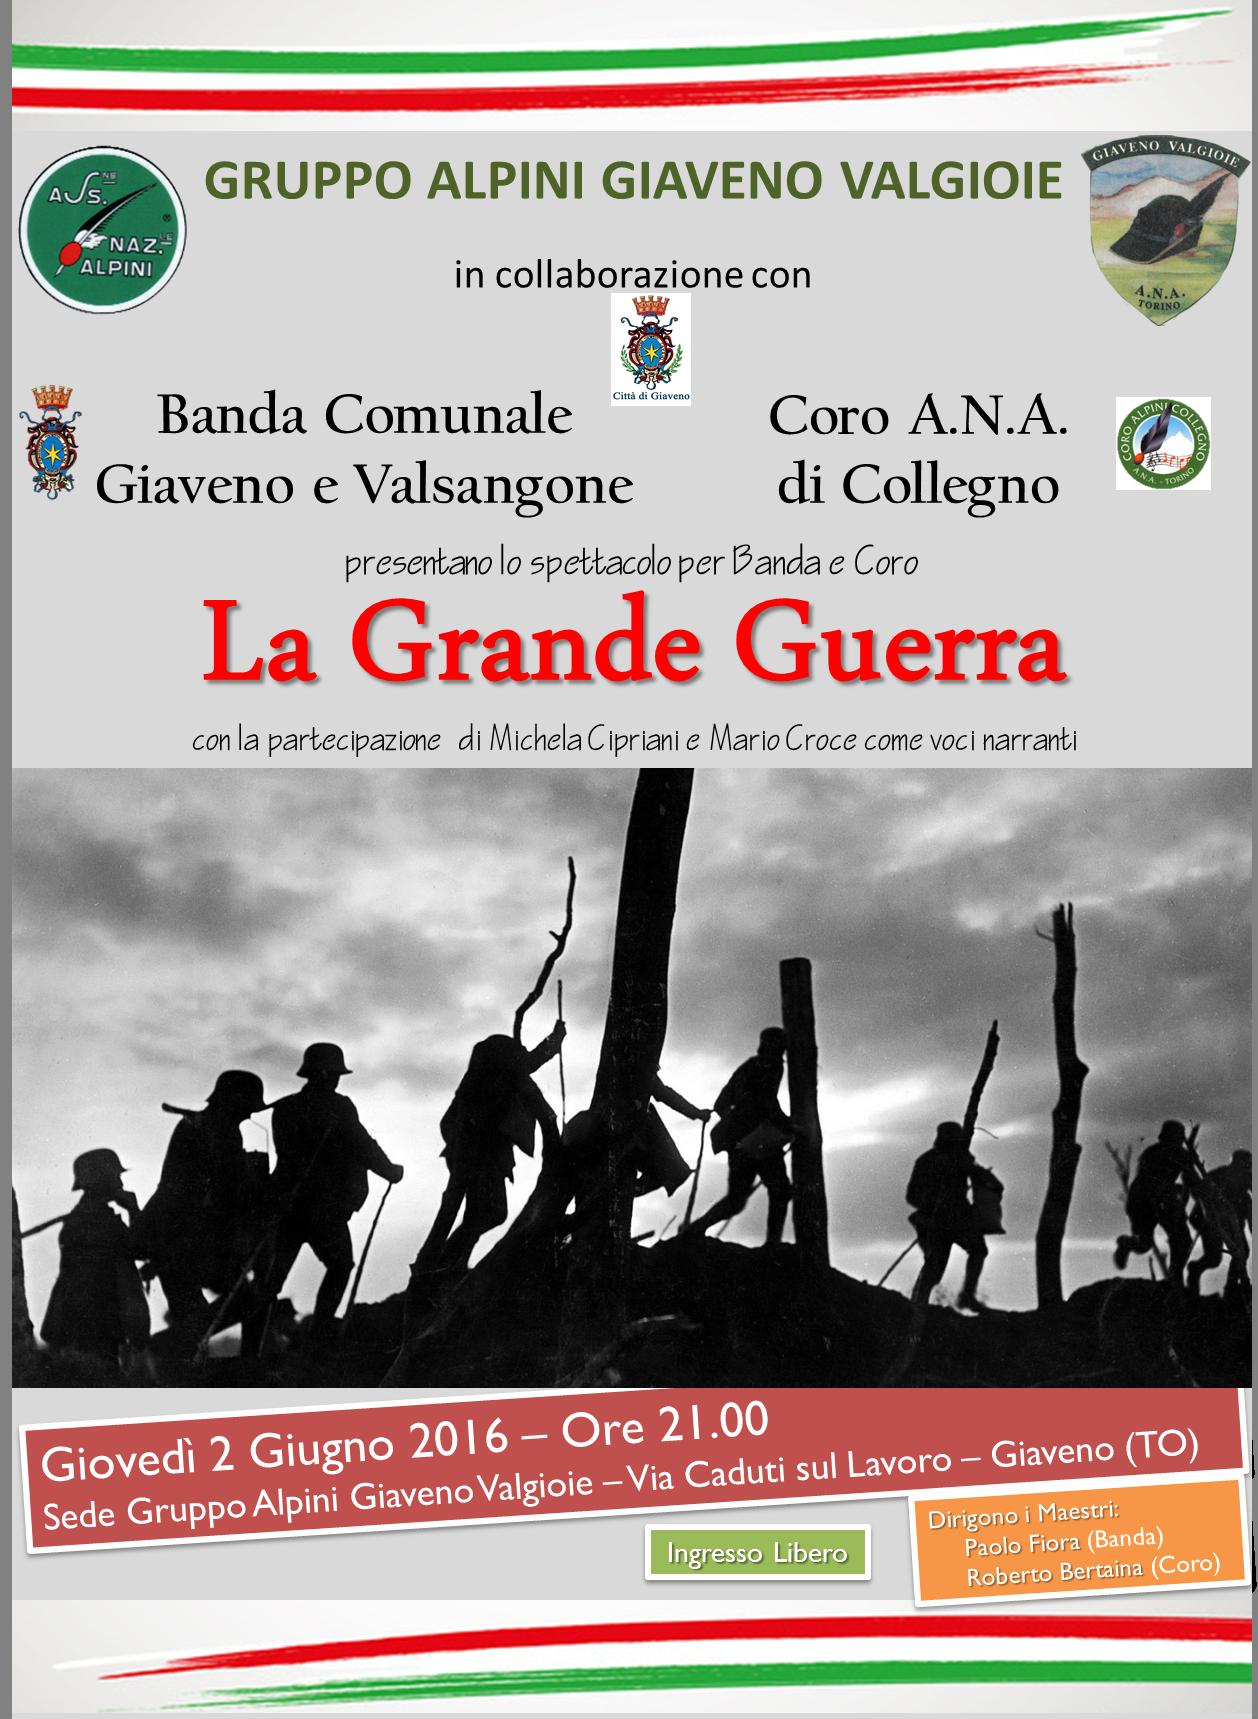 La Grande Guerra  – Spettacolo per Banda e Coro  giovedì 2 giugno 2016